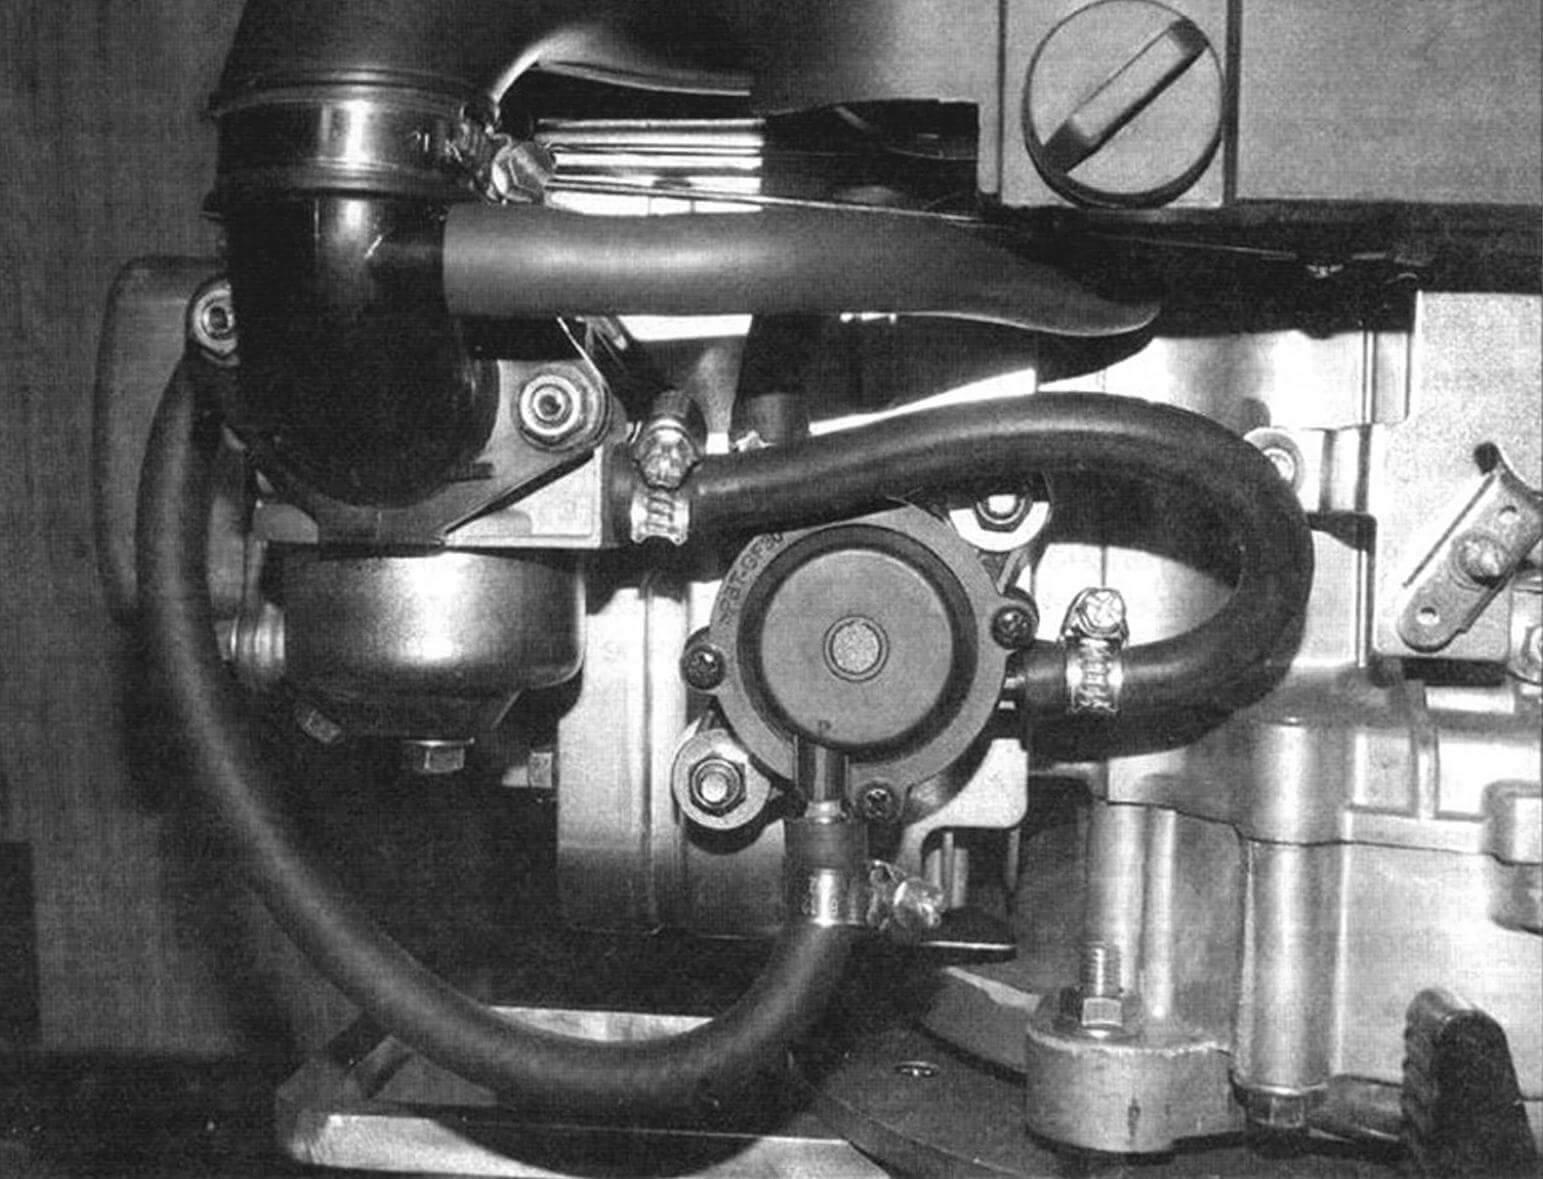 Установка вакуумного бензонасоса. Для теплоизоляции он кренится к кожуху цилиндра двигателя через фторопластовые втулки